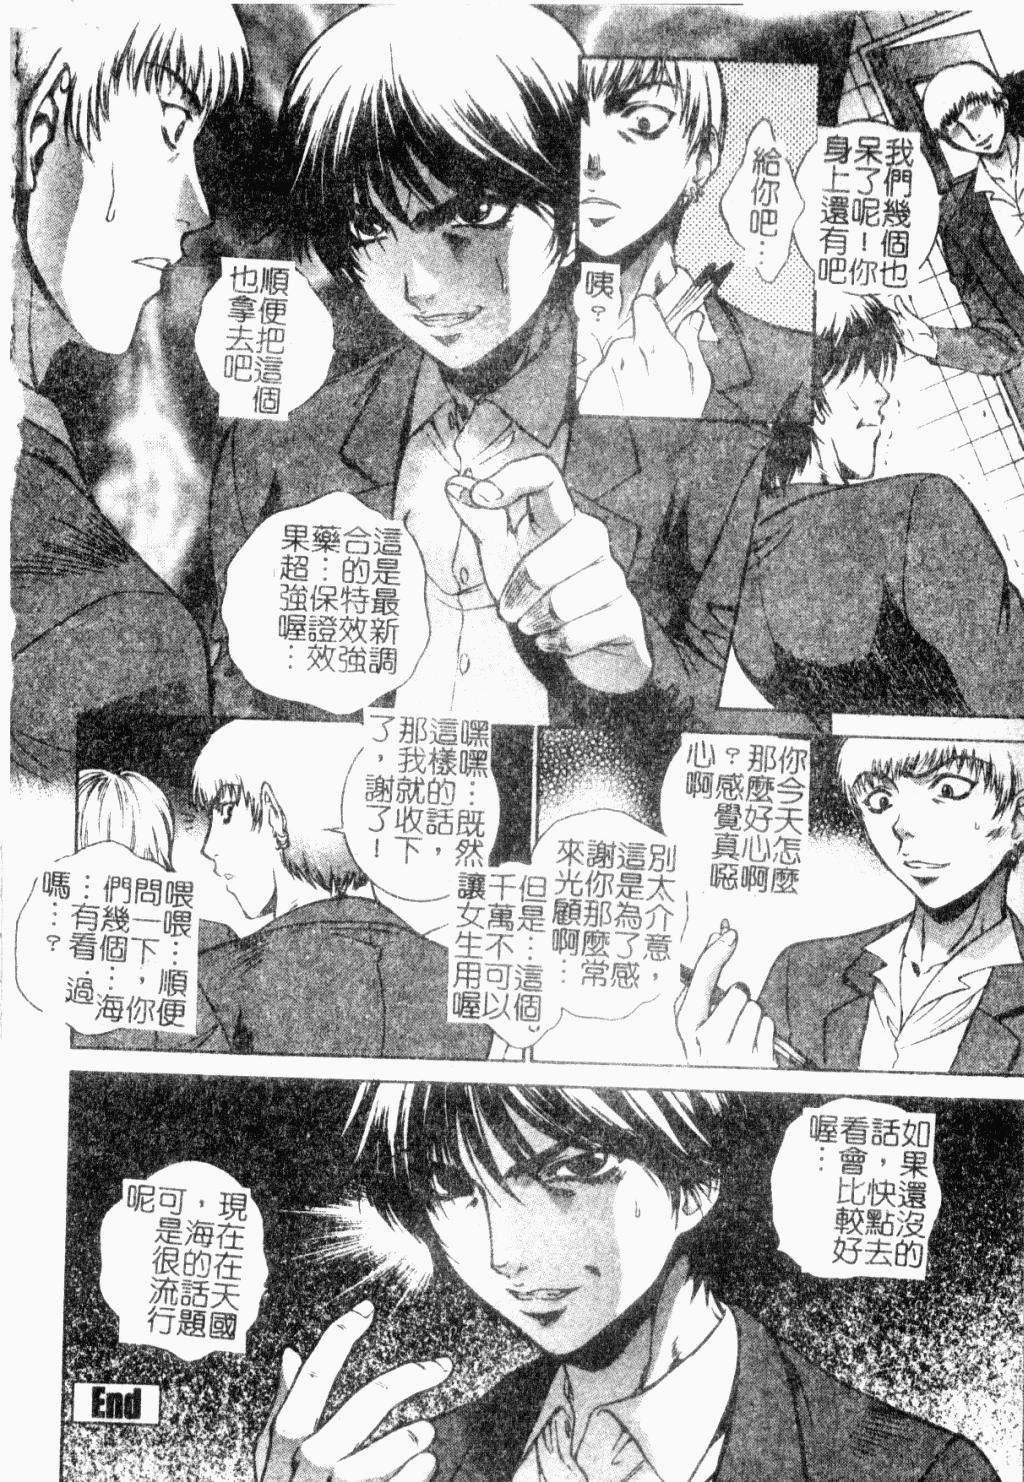 Choukyou Gakuen 2 Genteiban 85